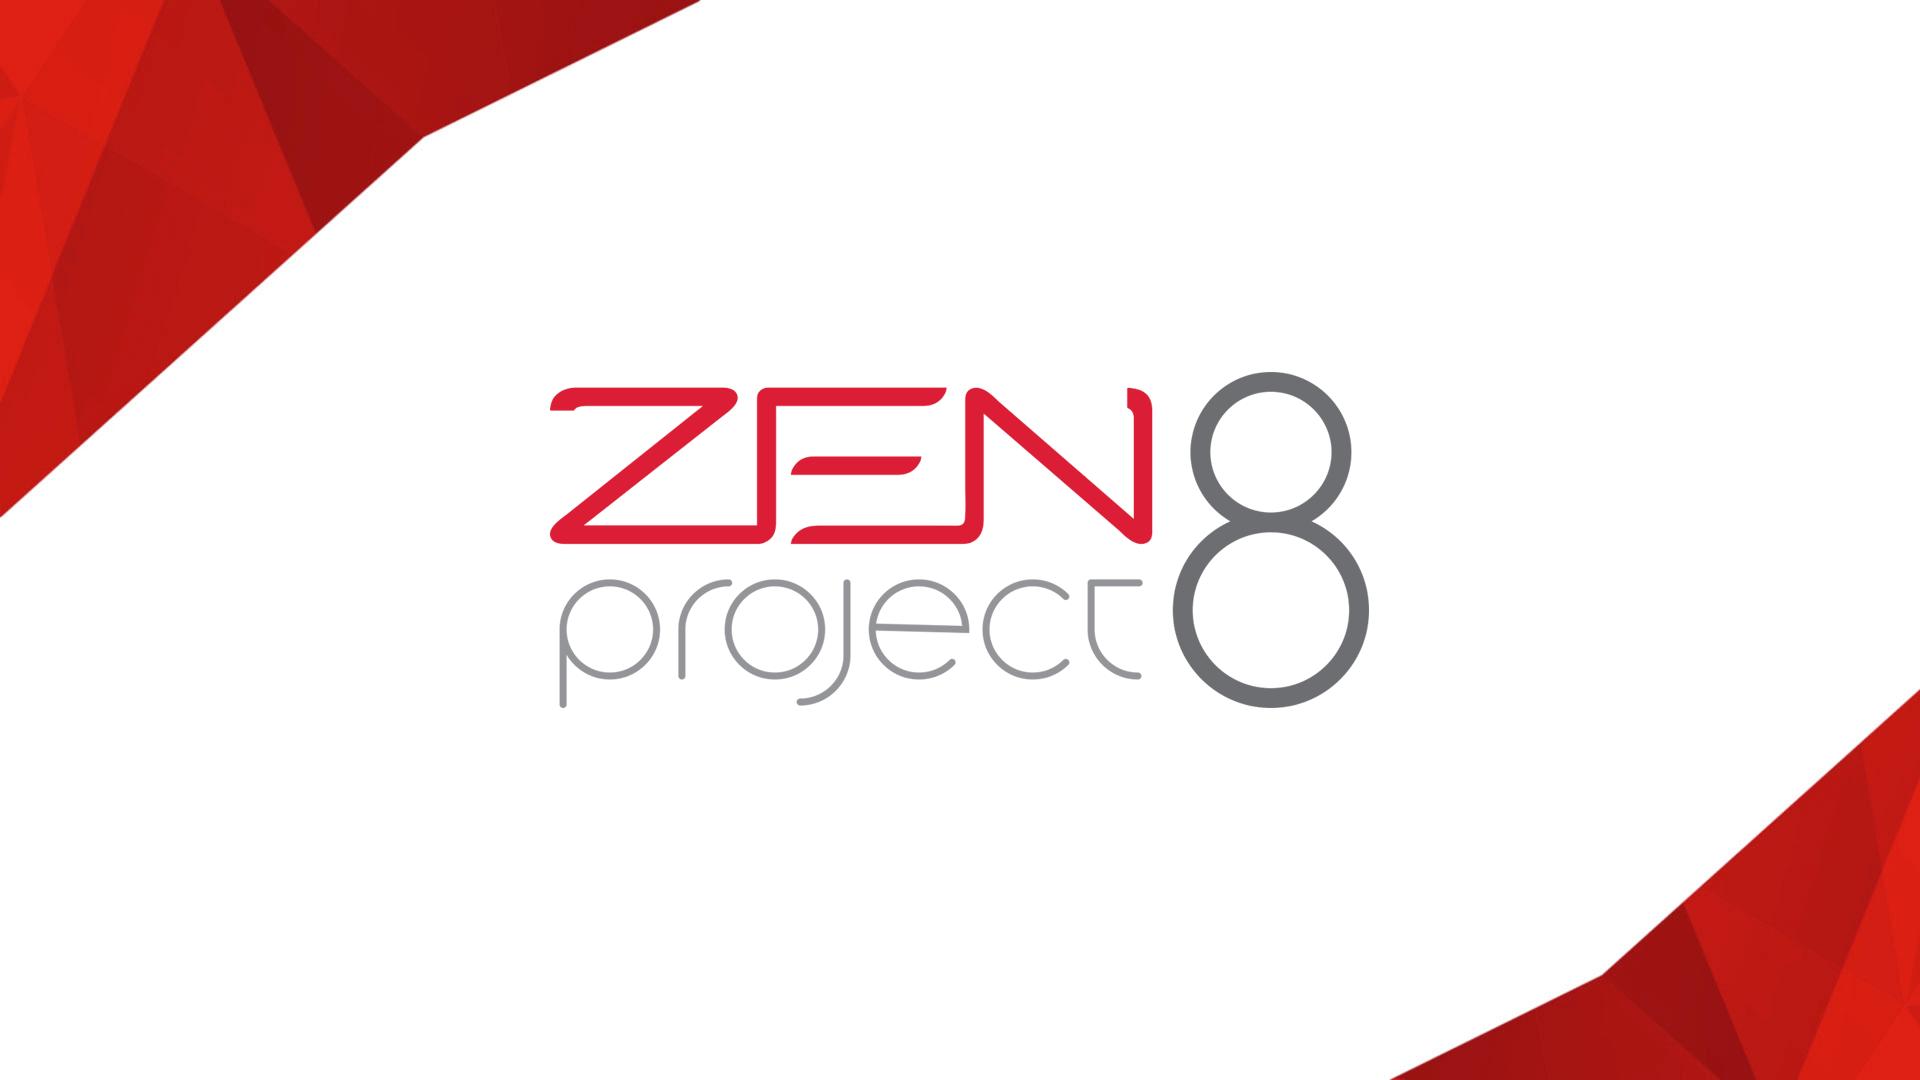 Zen clipart lifestyle disease  Zen Program